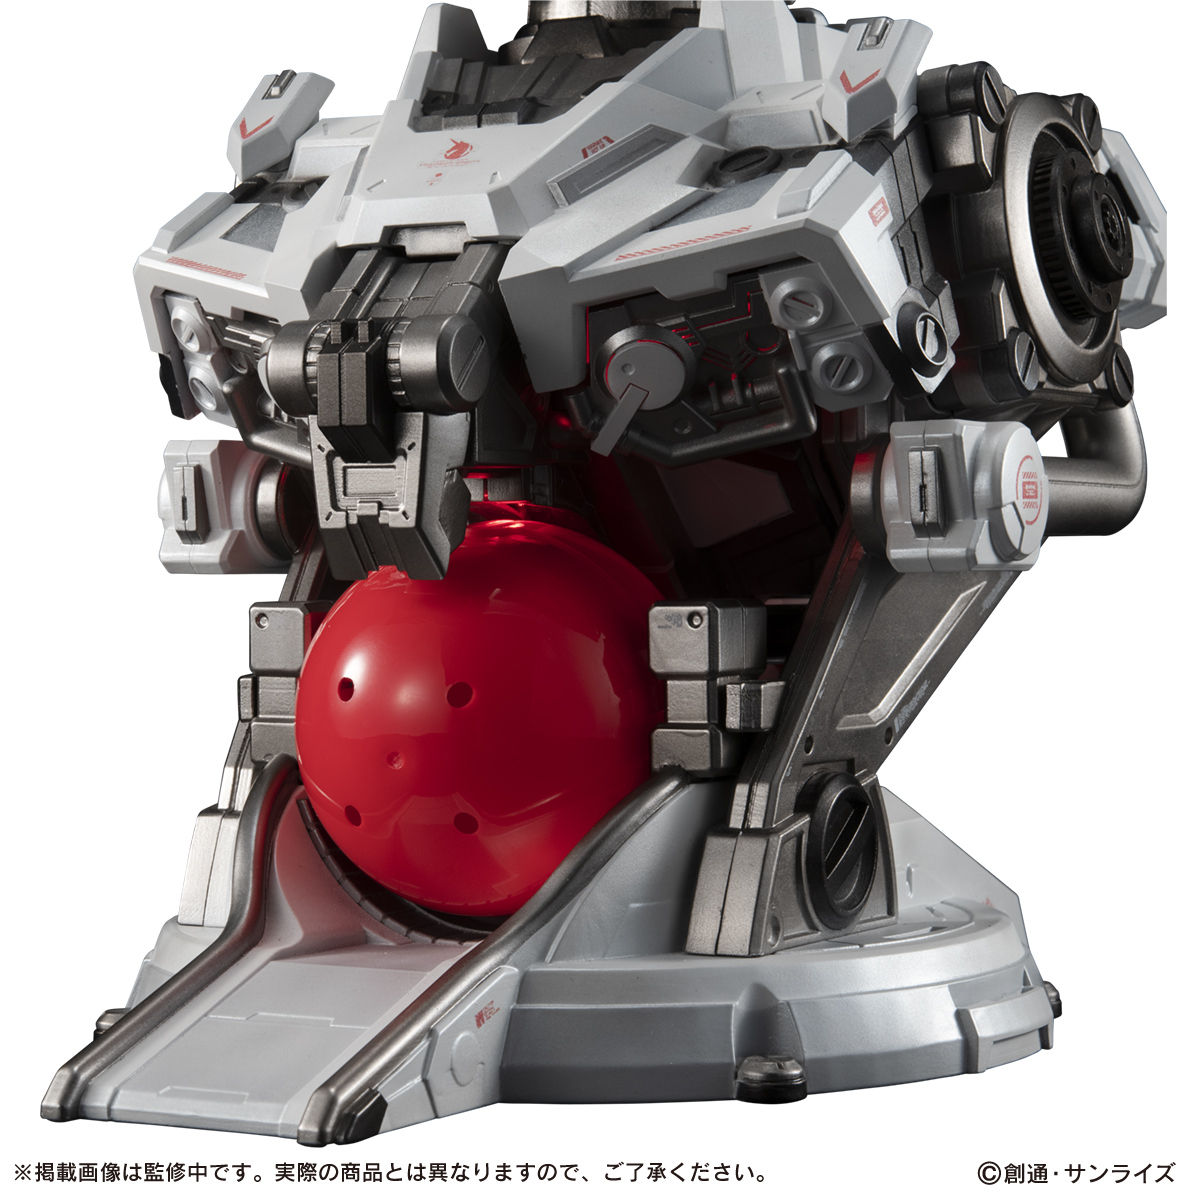 【限定販売】ガシャポンマシン『ULTIMATE MECHANIX-UNICORN GUNDAM-』ガンダムUC 可動フィギュア-008